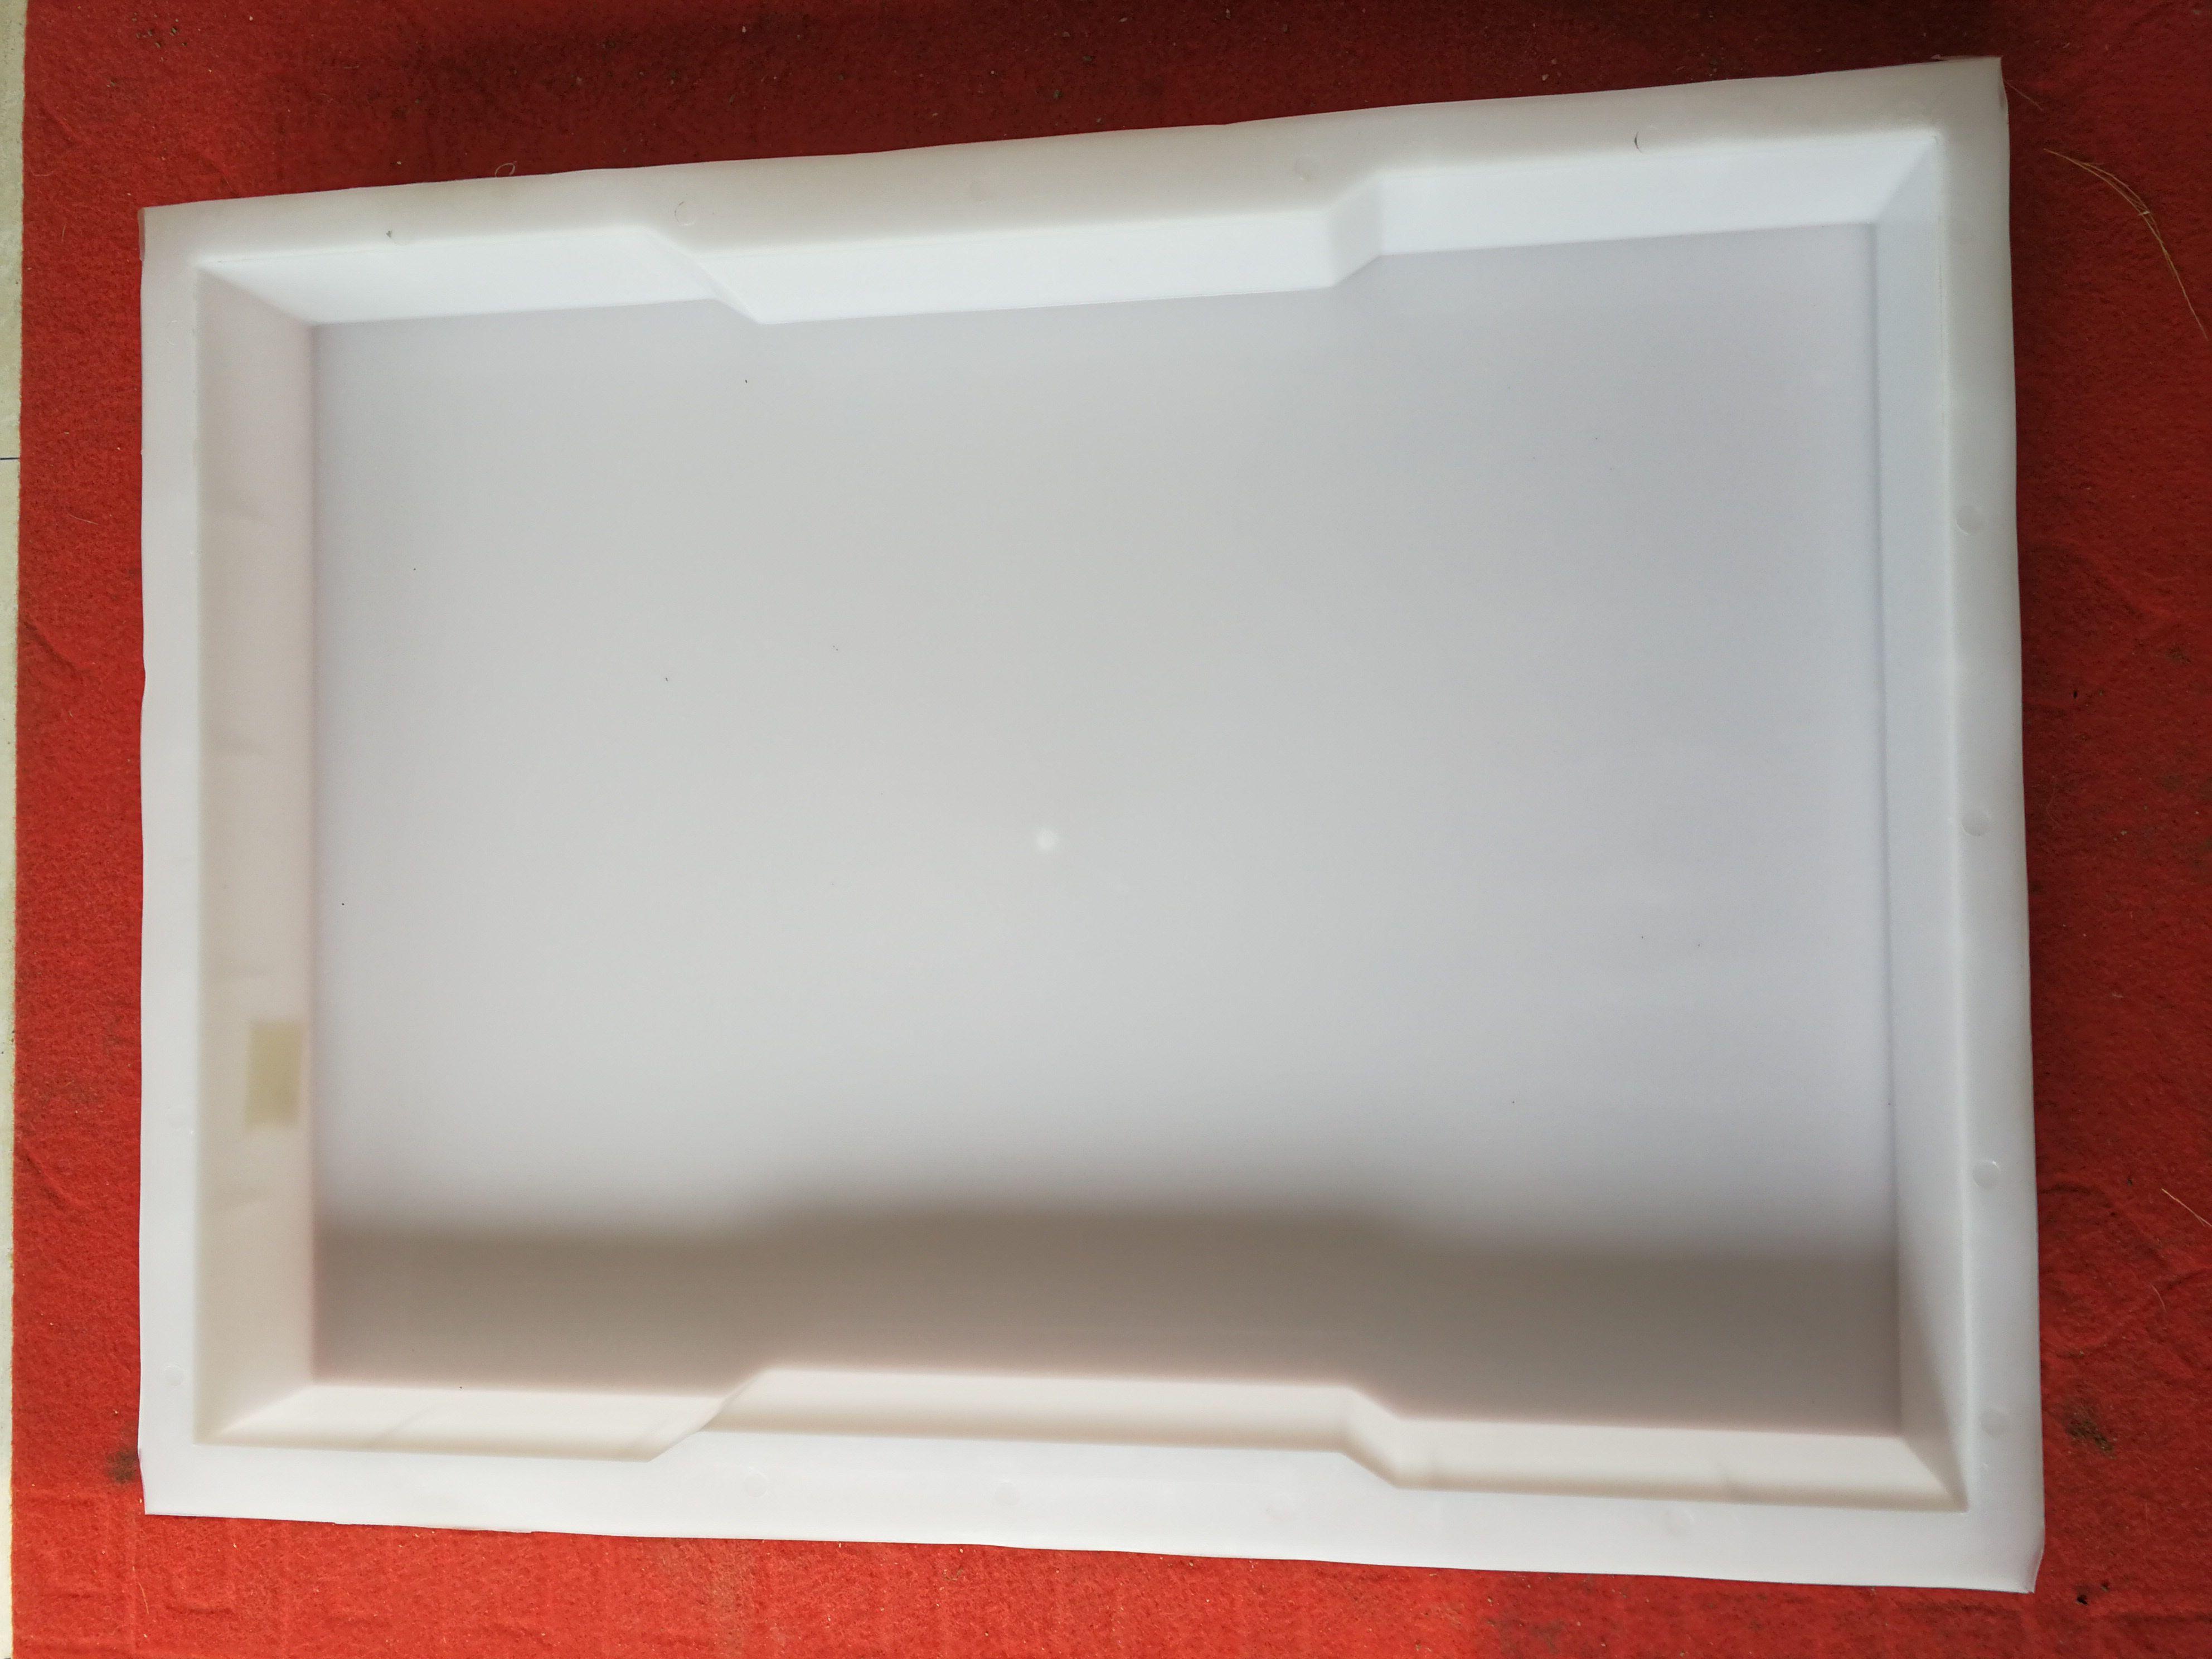 电力沟盖板模具-复合电力盖板模具精达模具